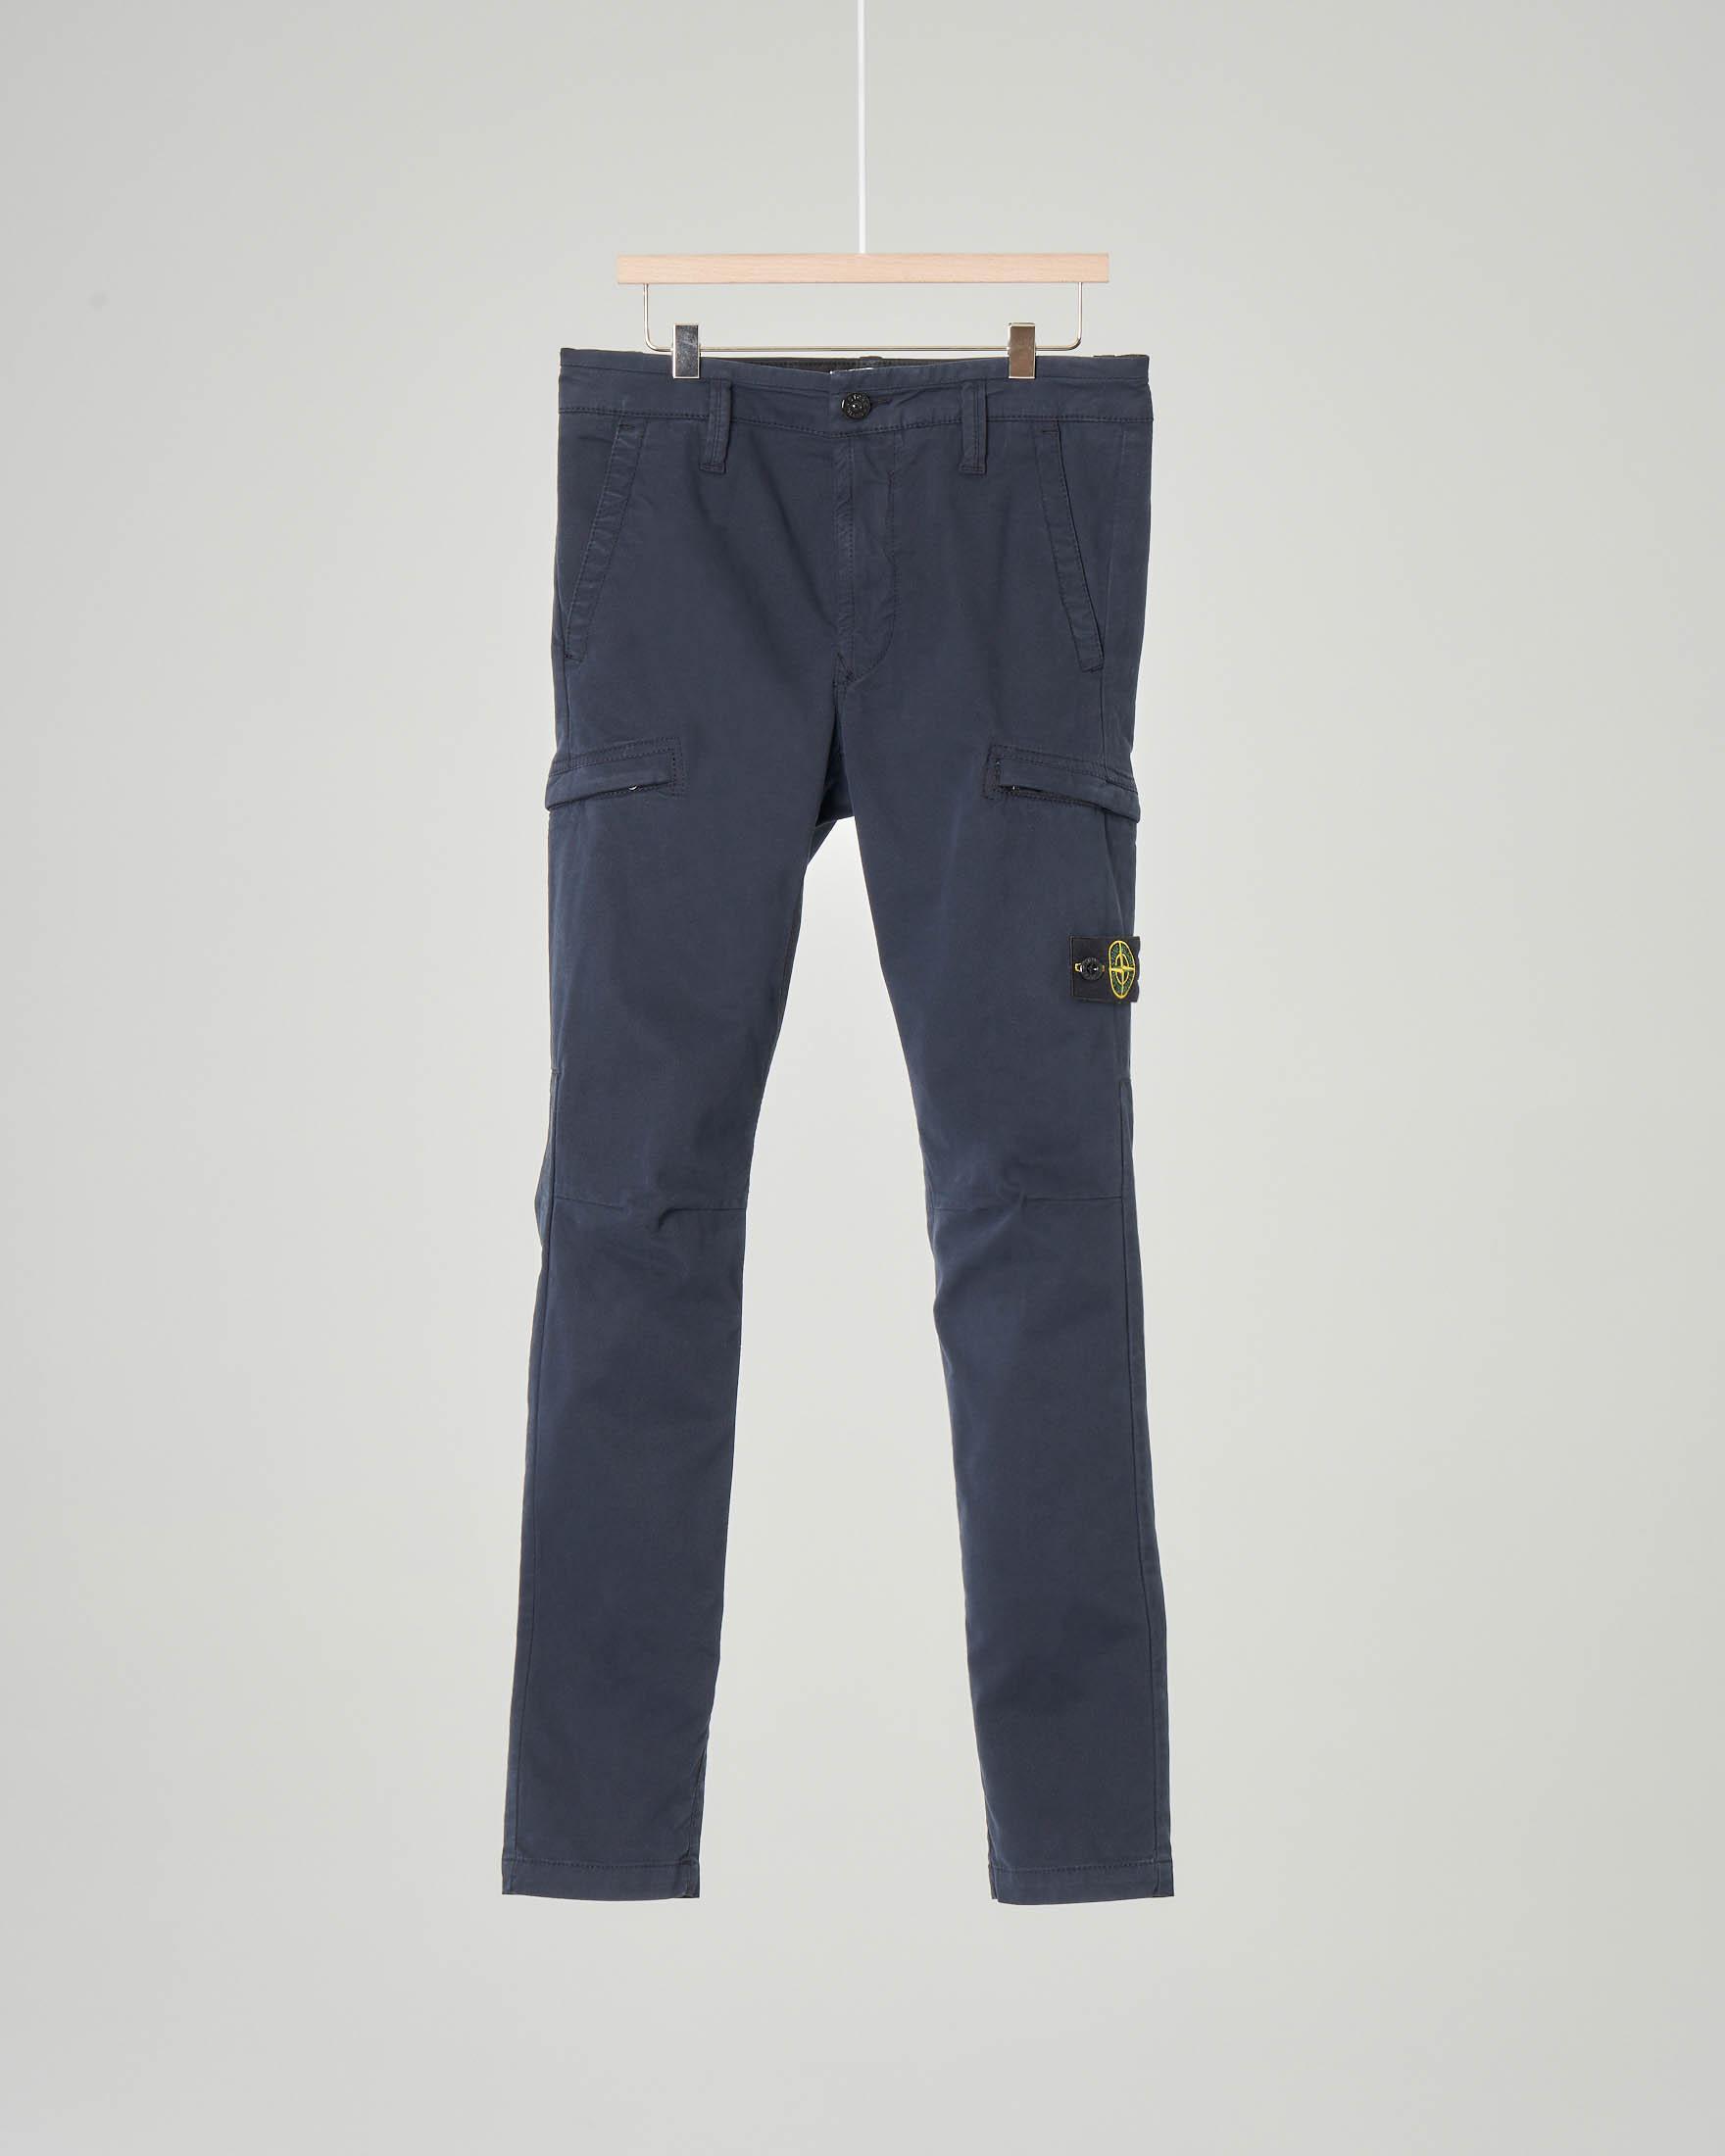 Pantalone blu cargo in cotone stretch 10-12 anni